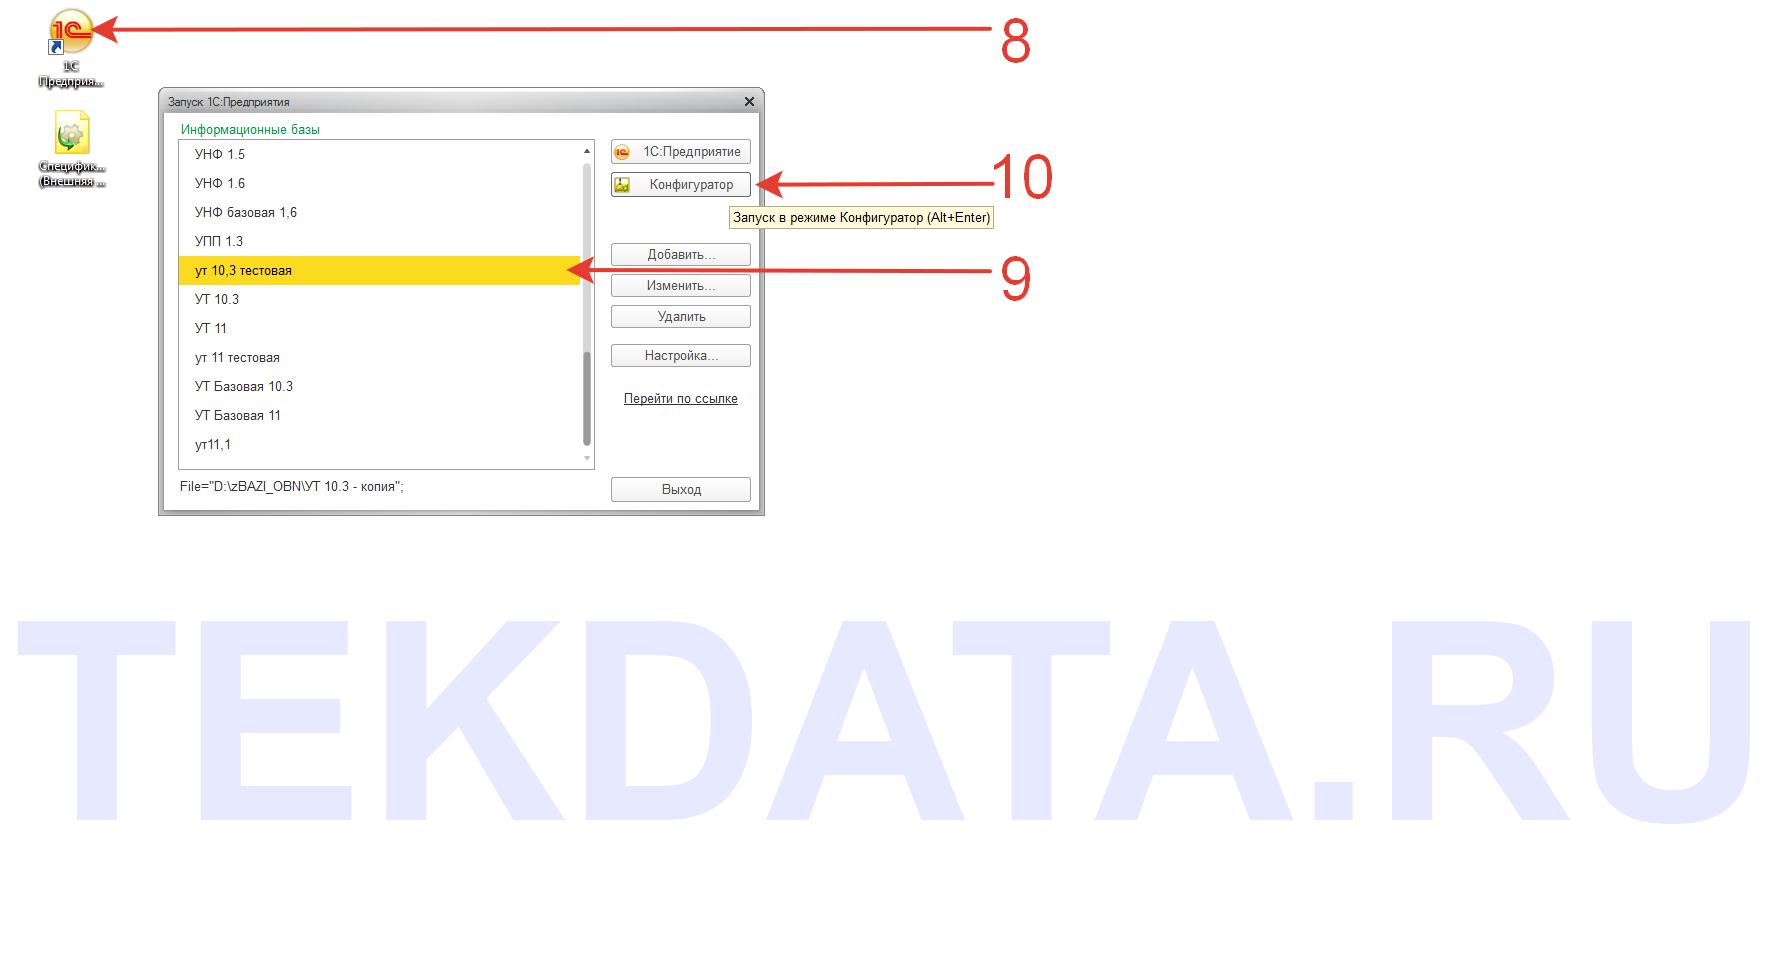 Инструкция по изменению текста во внешней печатной форме 1С 8.2 | tekdata.ru